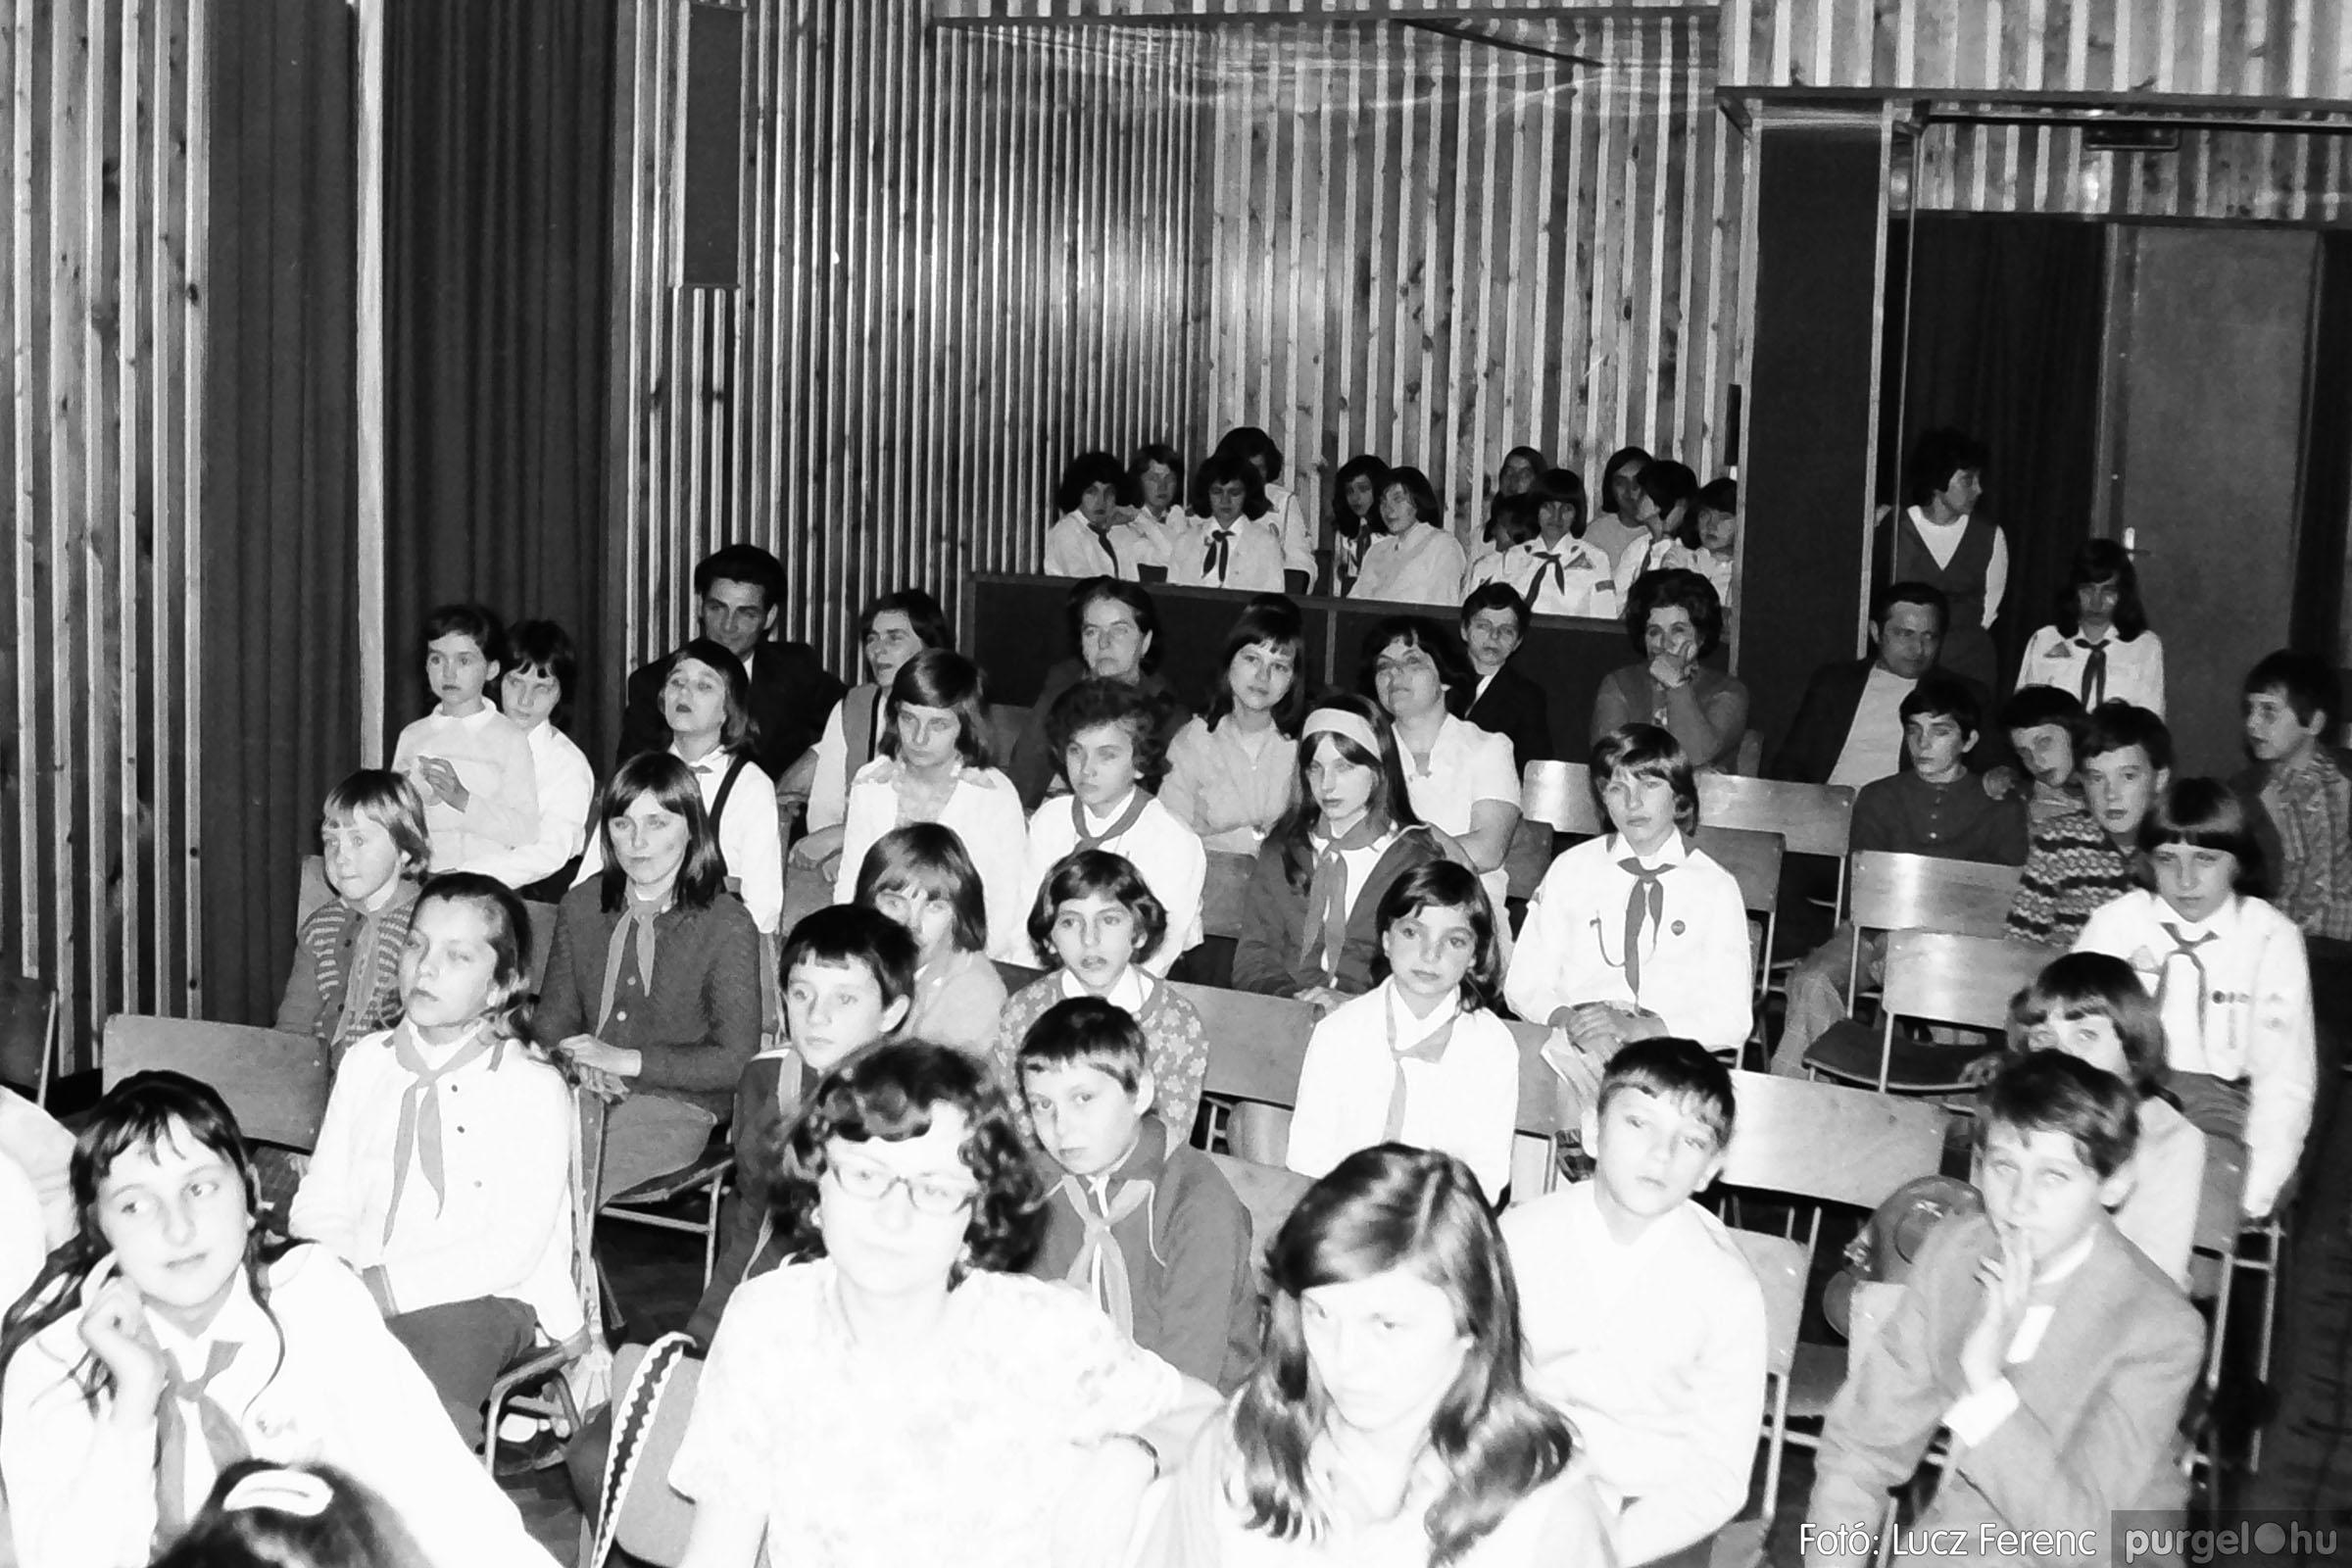 036-037. 1976. Diákprogram a kultúrházban 032 - Fotó: Lucz Ferenc.jpg